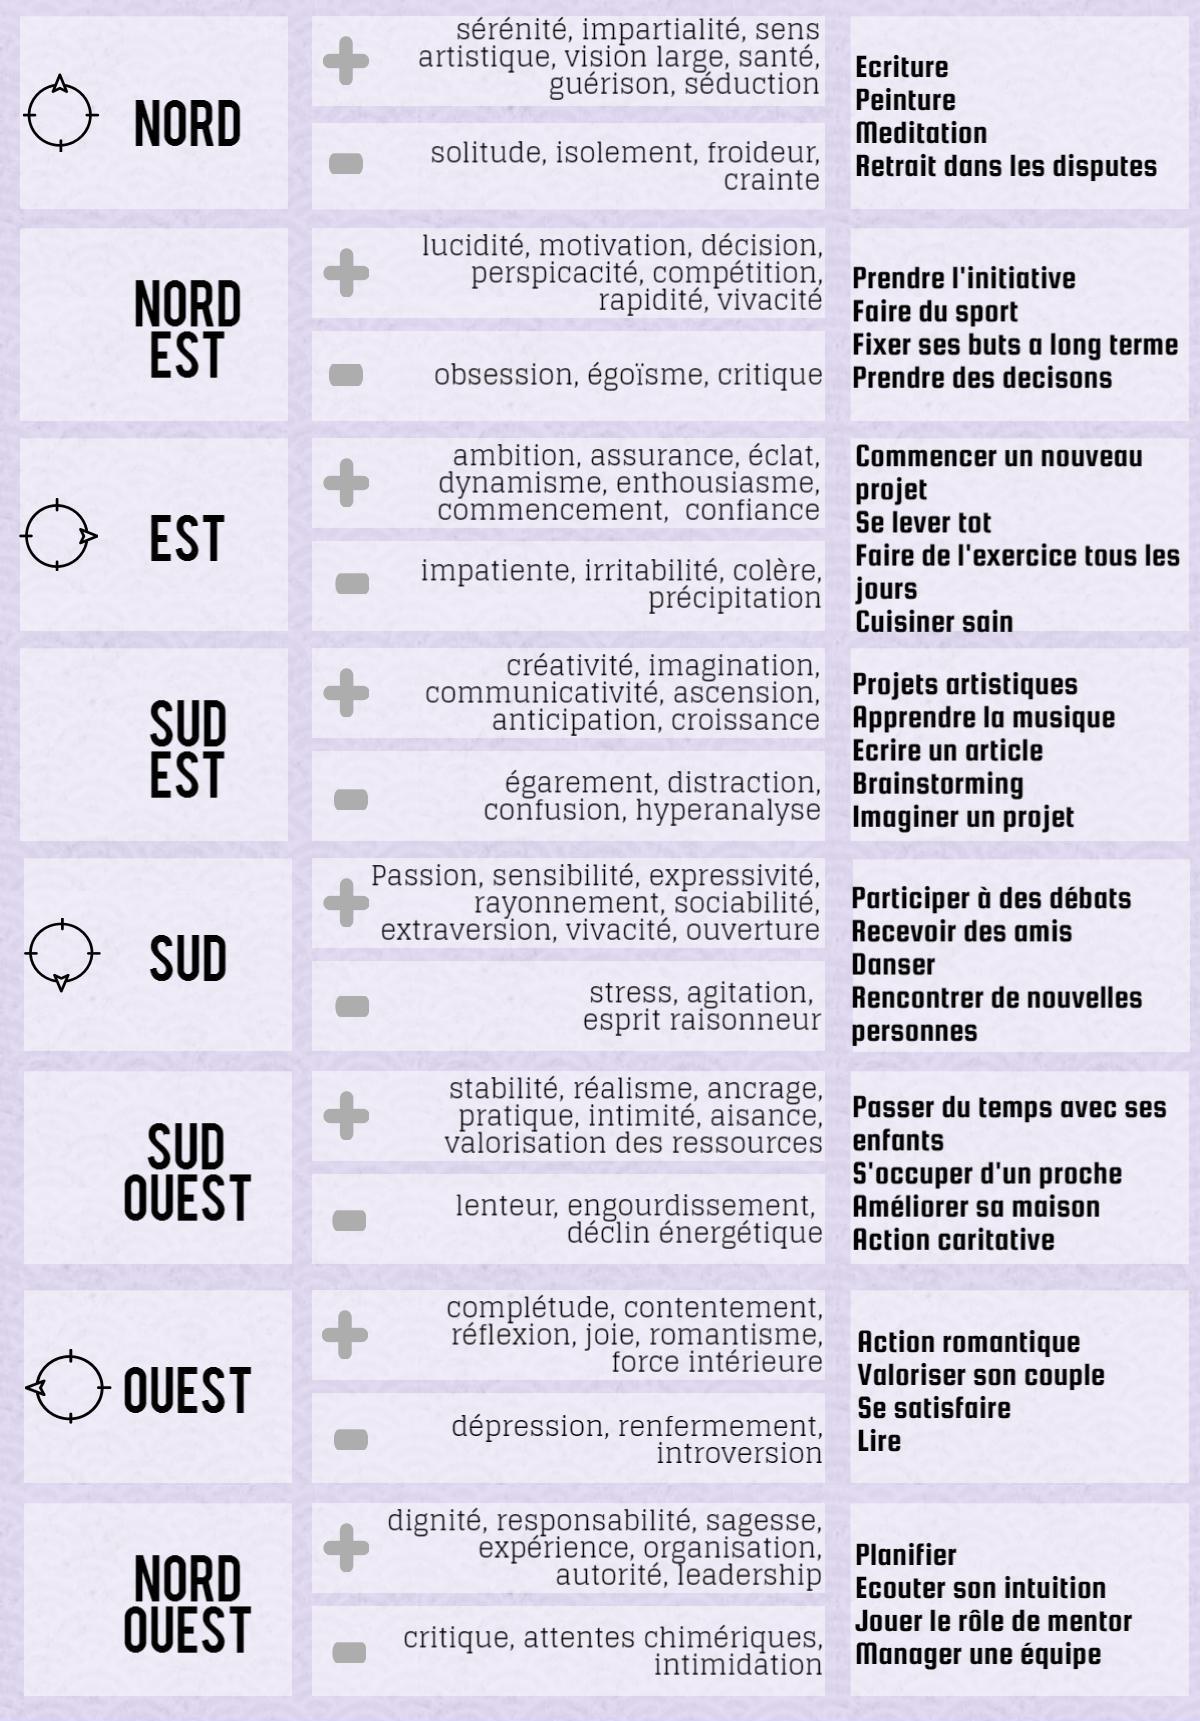 8 directions des énergies selon le Feng Shui